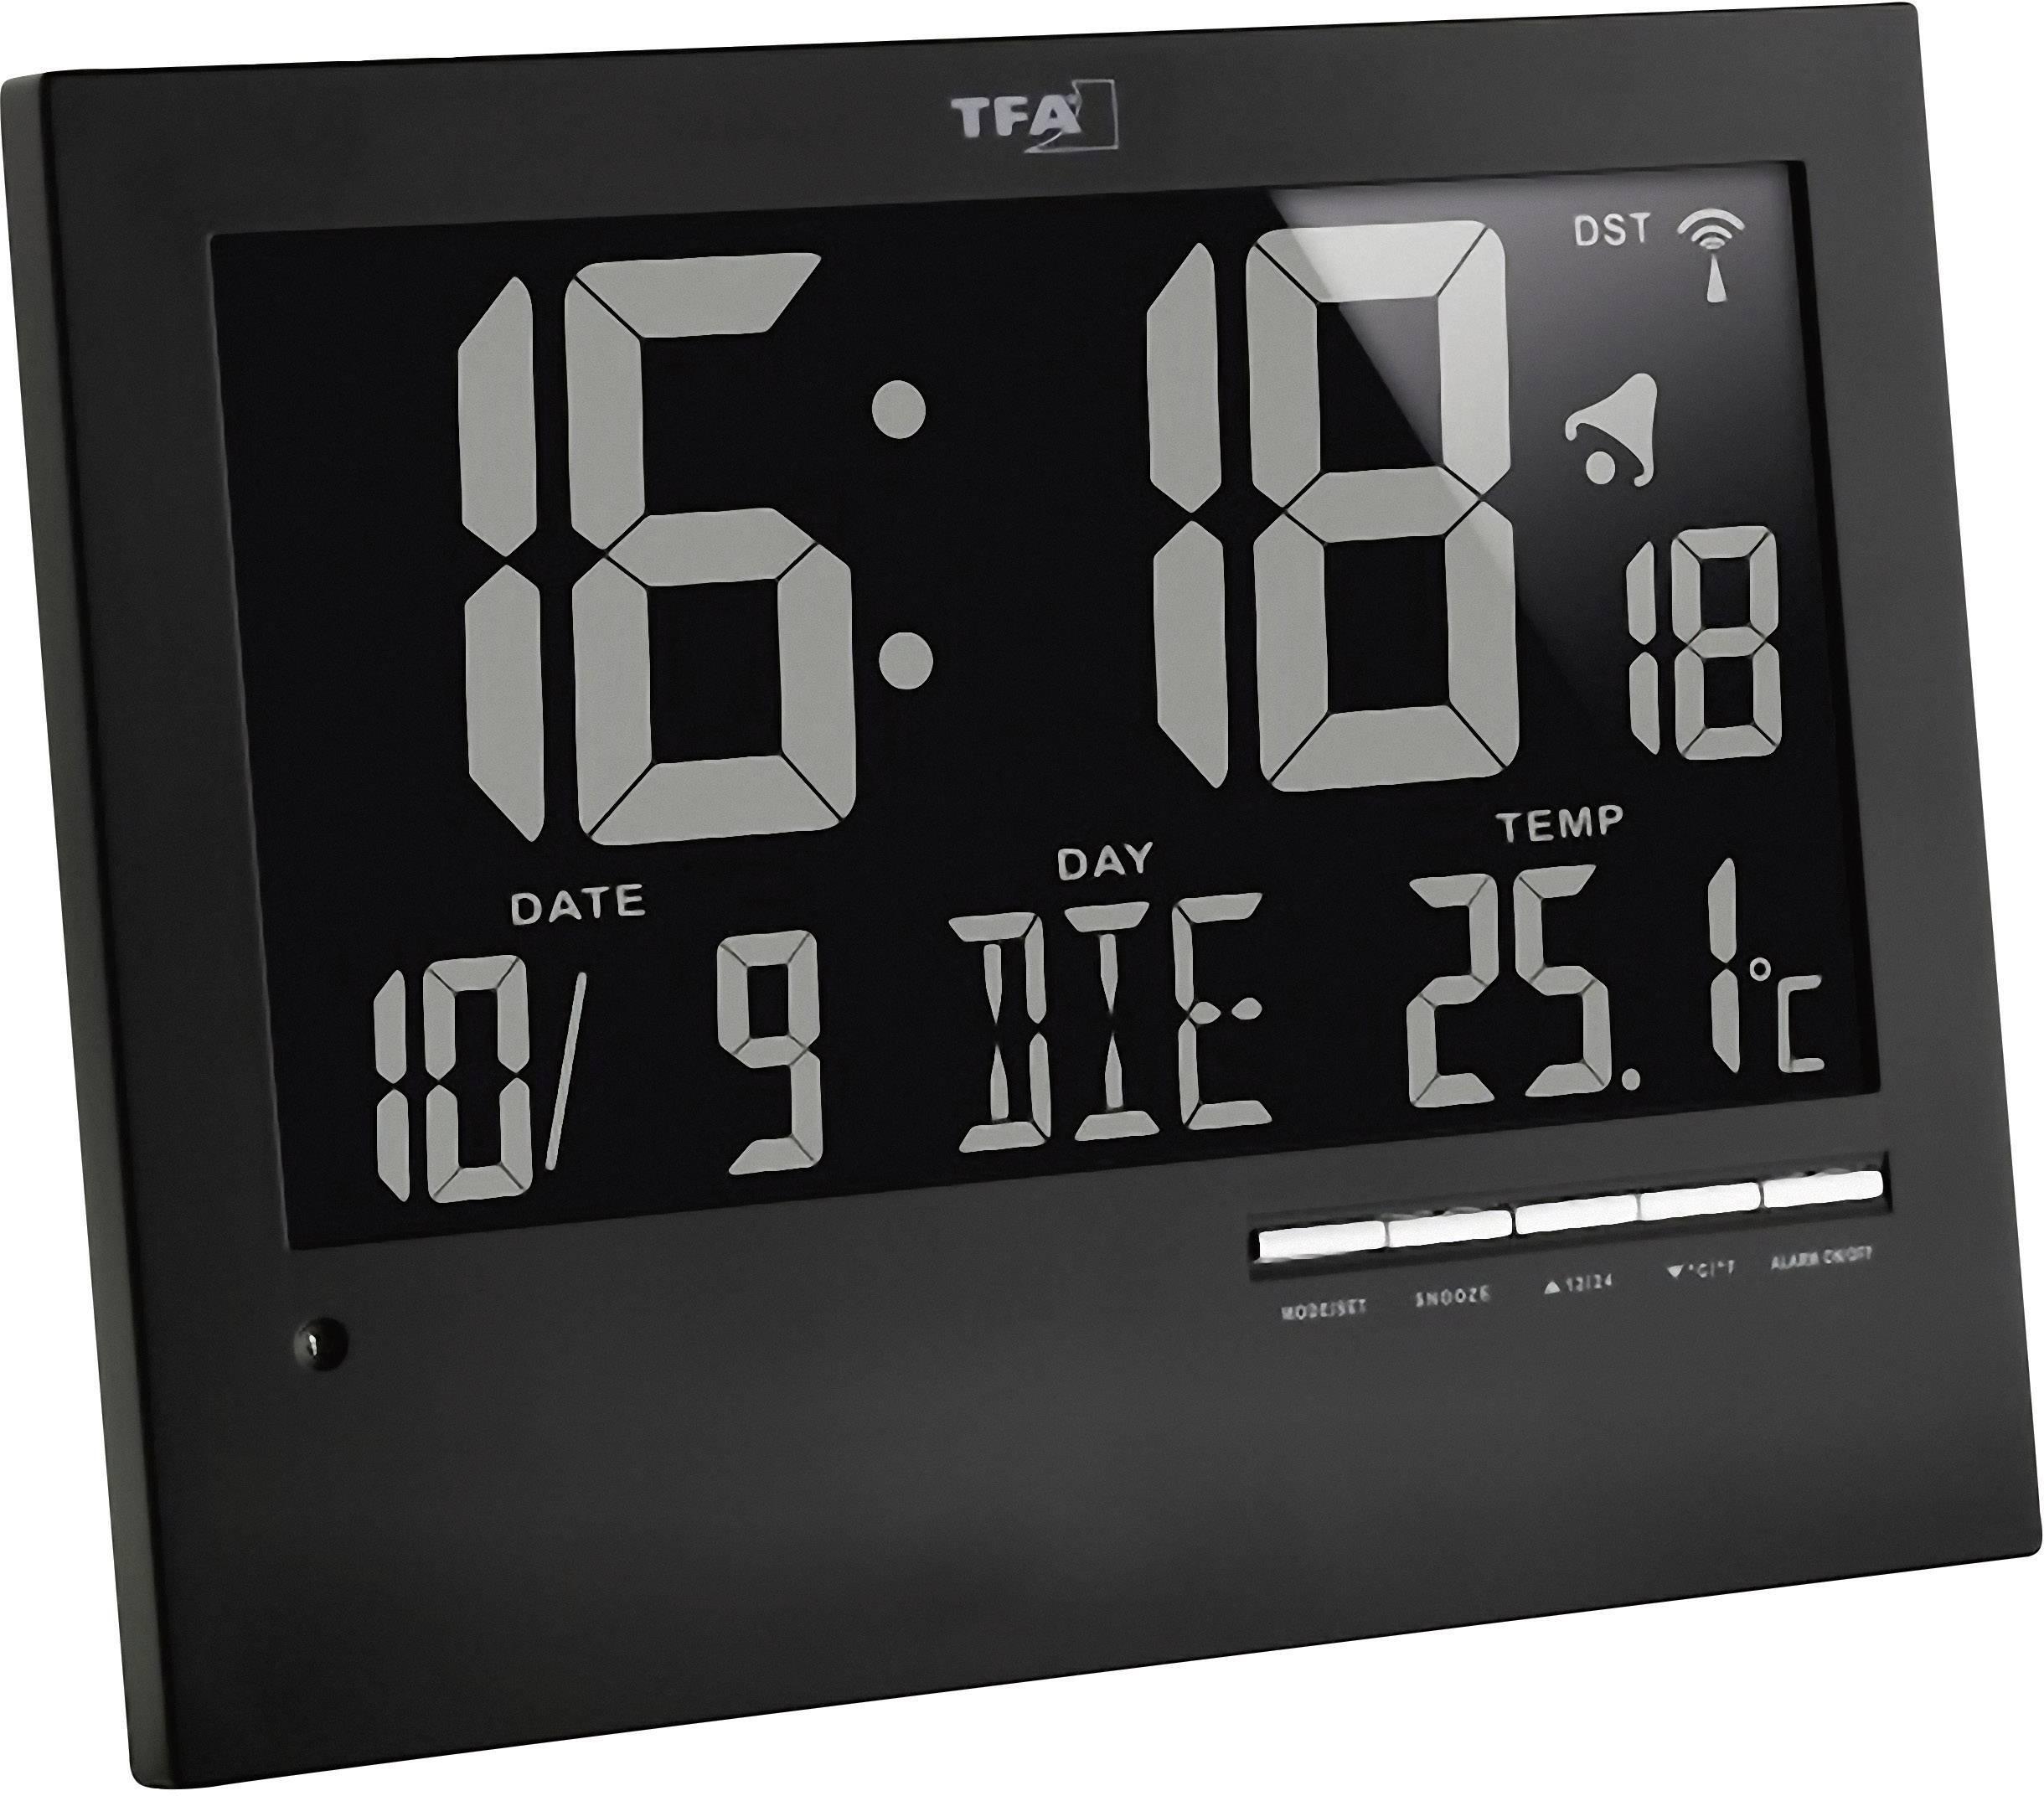 Tfa radiocontrollato orologio da parete 185 mm x for Orologio da parete radiocontrollato